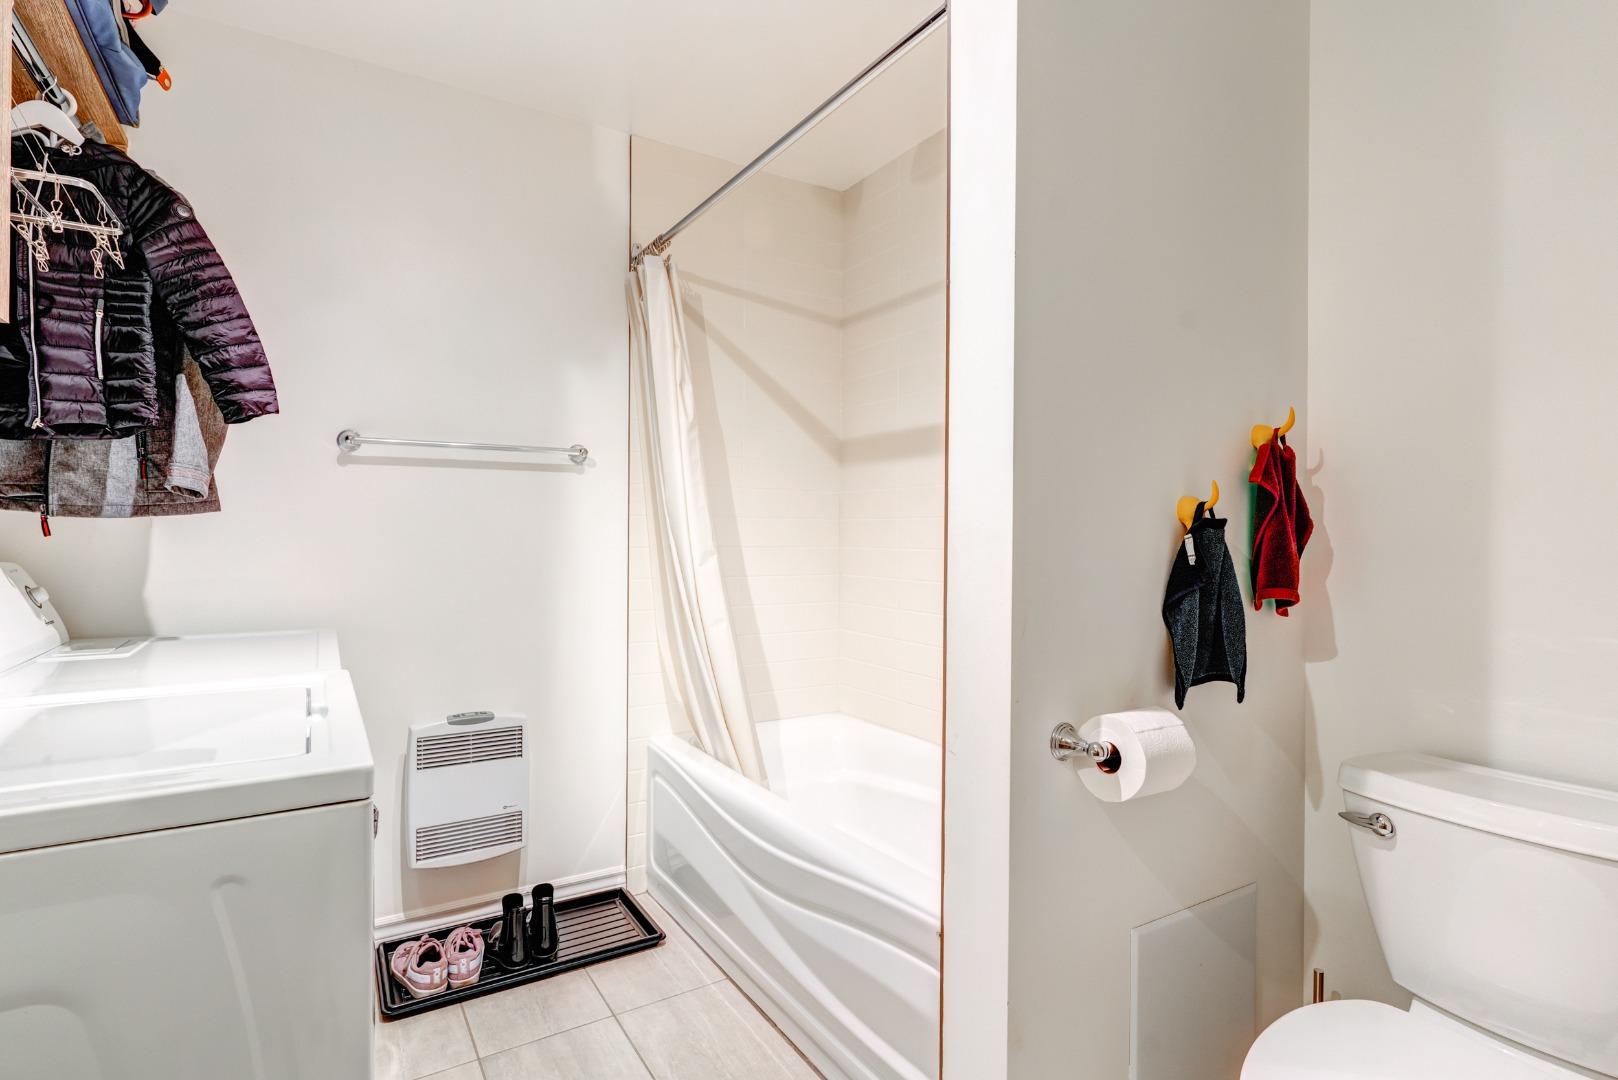 immophoto_-_Appartement_-_7074_de_Lorimier_-_es-17.jpg